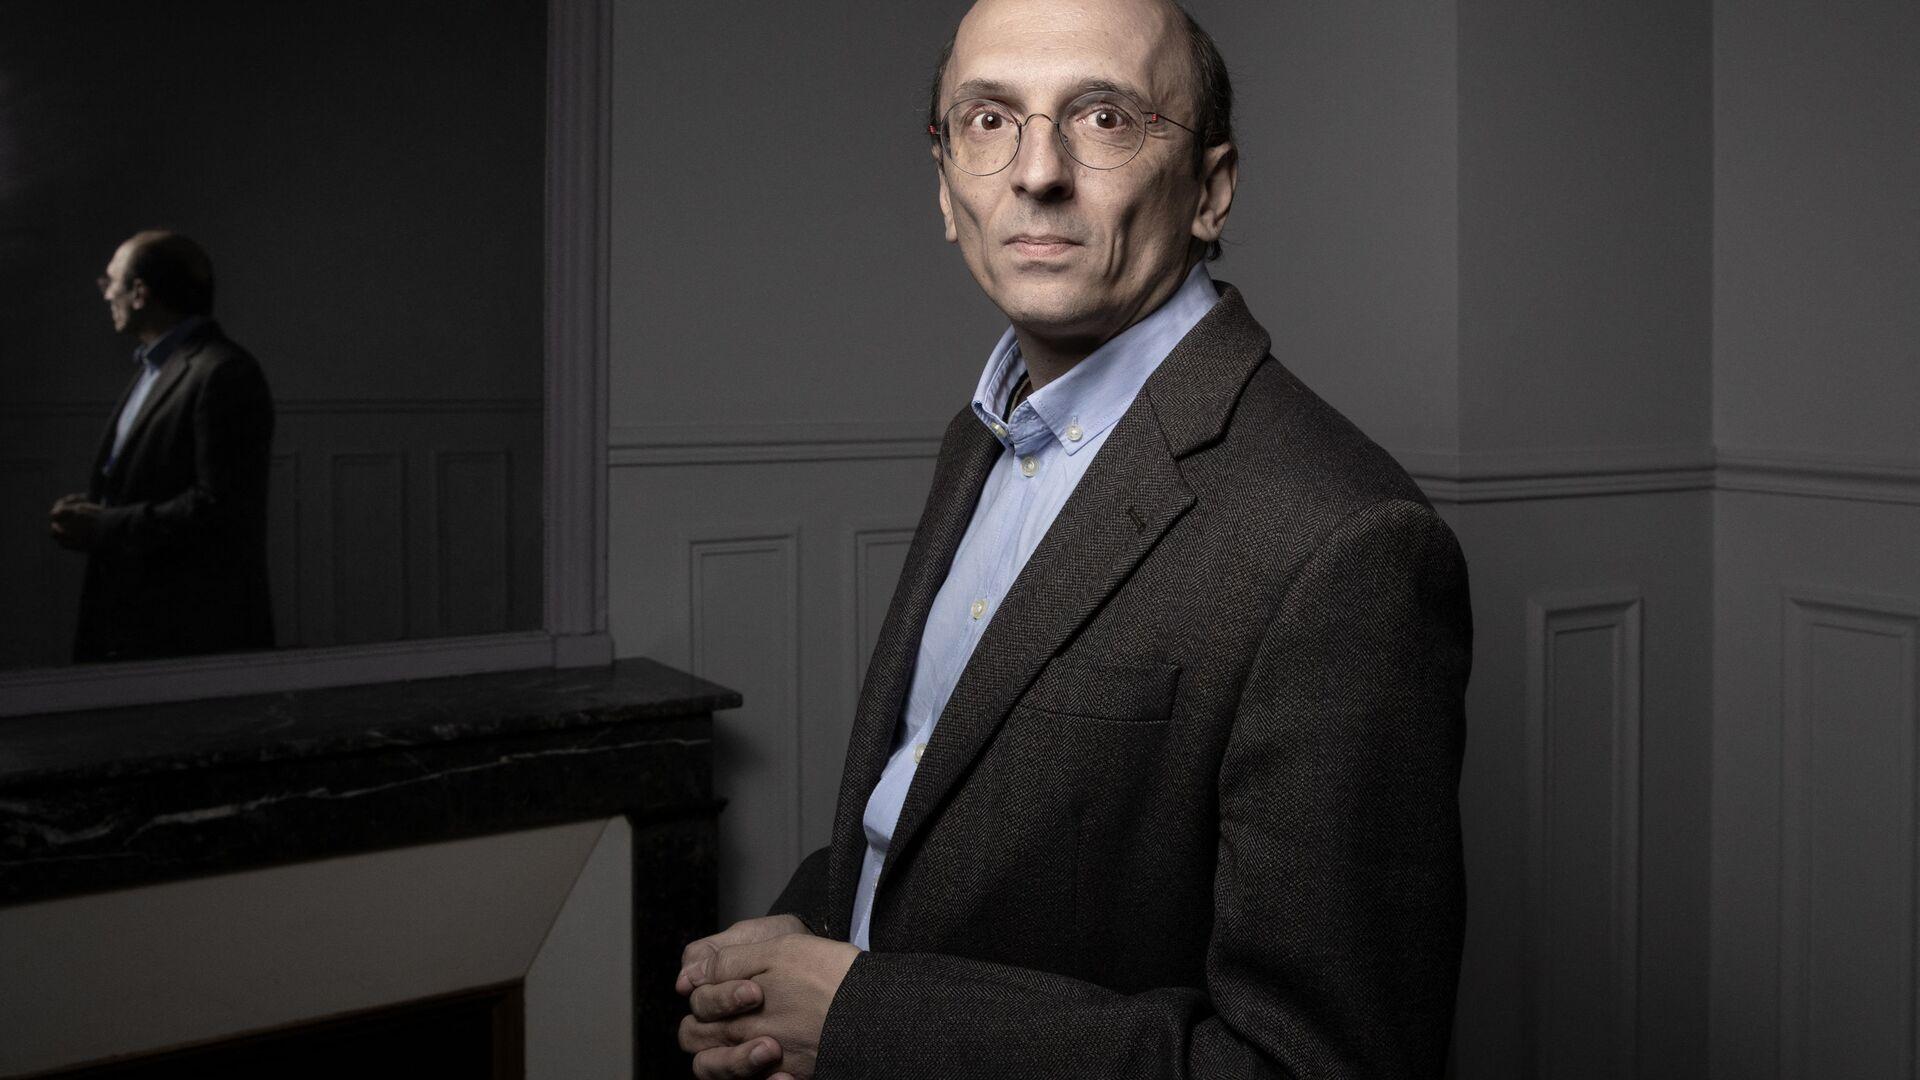 L'avocat en droit de la santé publique Fabrice Di Vizio, mai 2020 - Sputnik France, 1920, 17.09.2021